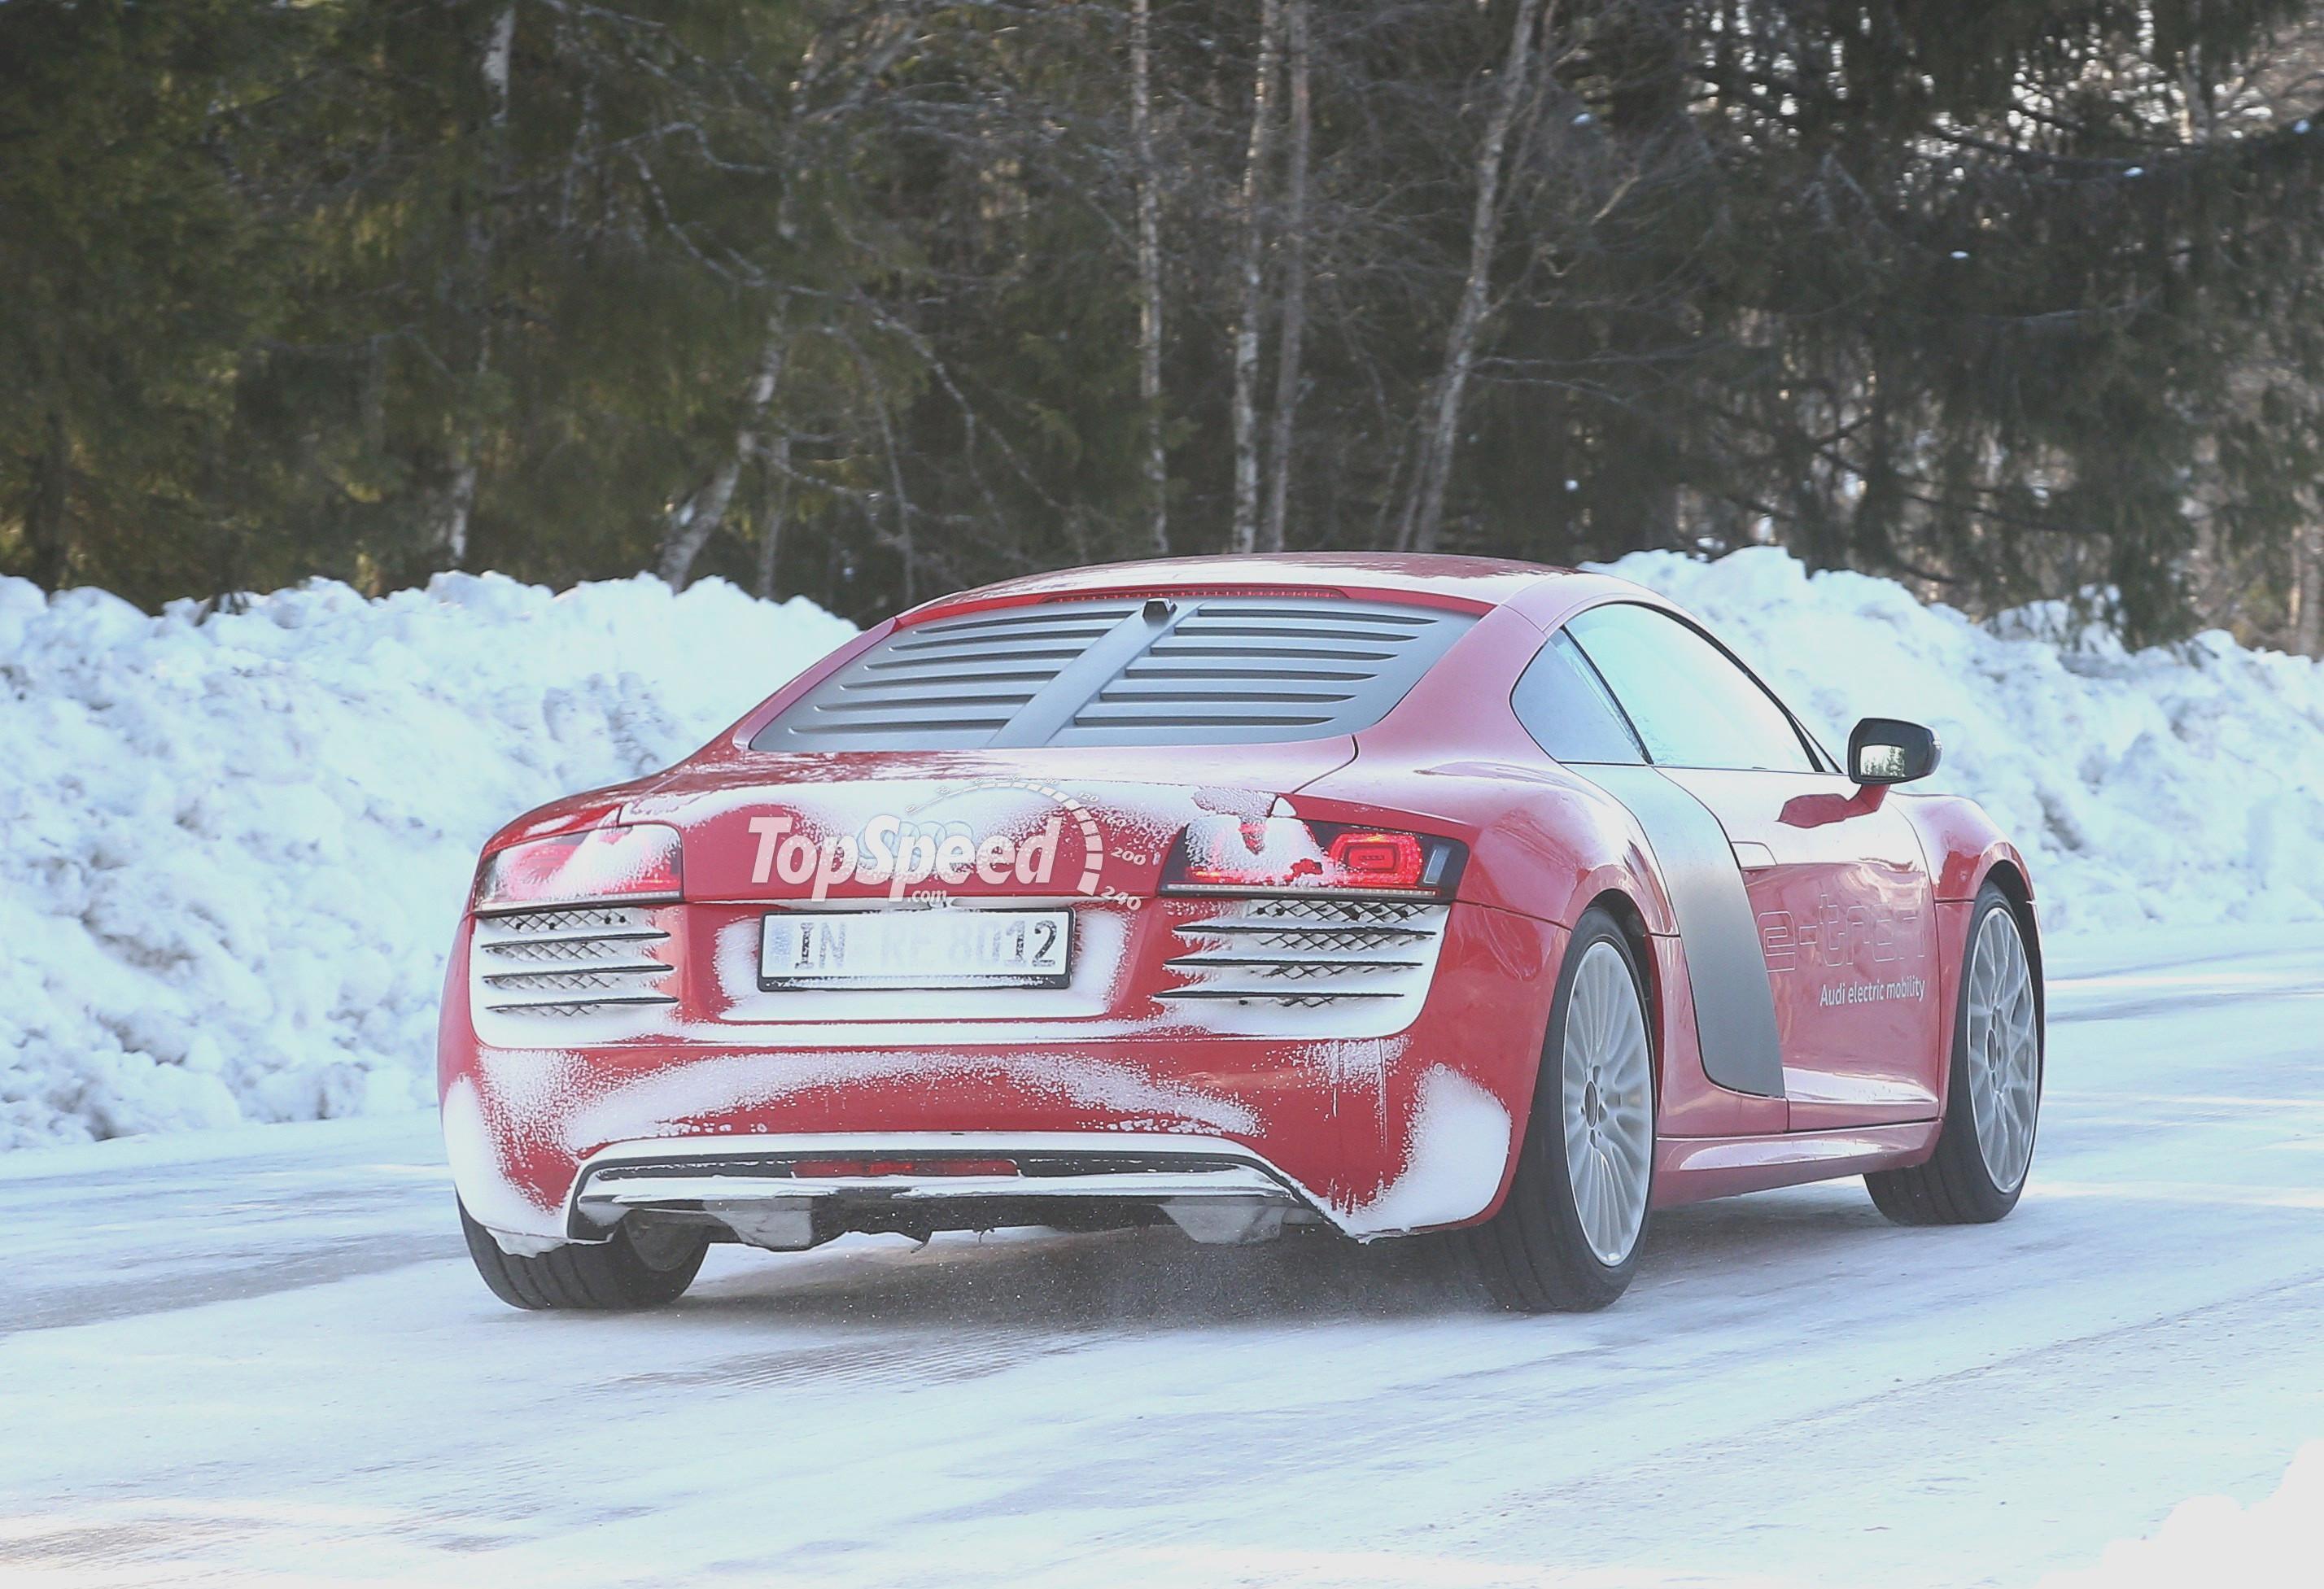 Ausmalbilder Audi R8 Inspirierend Verschiedene Bilder Färben Auto Ausmalen Neu Ausmalbilder Audi R8 Galerie